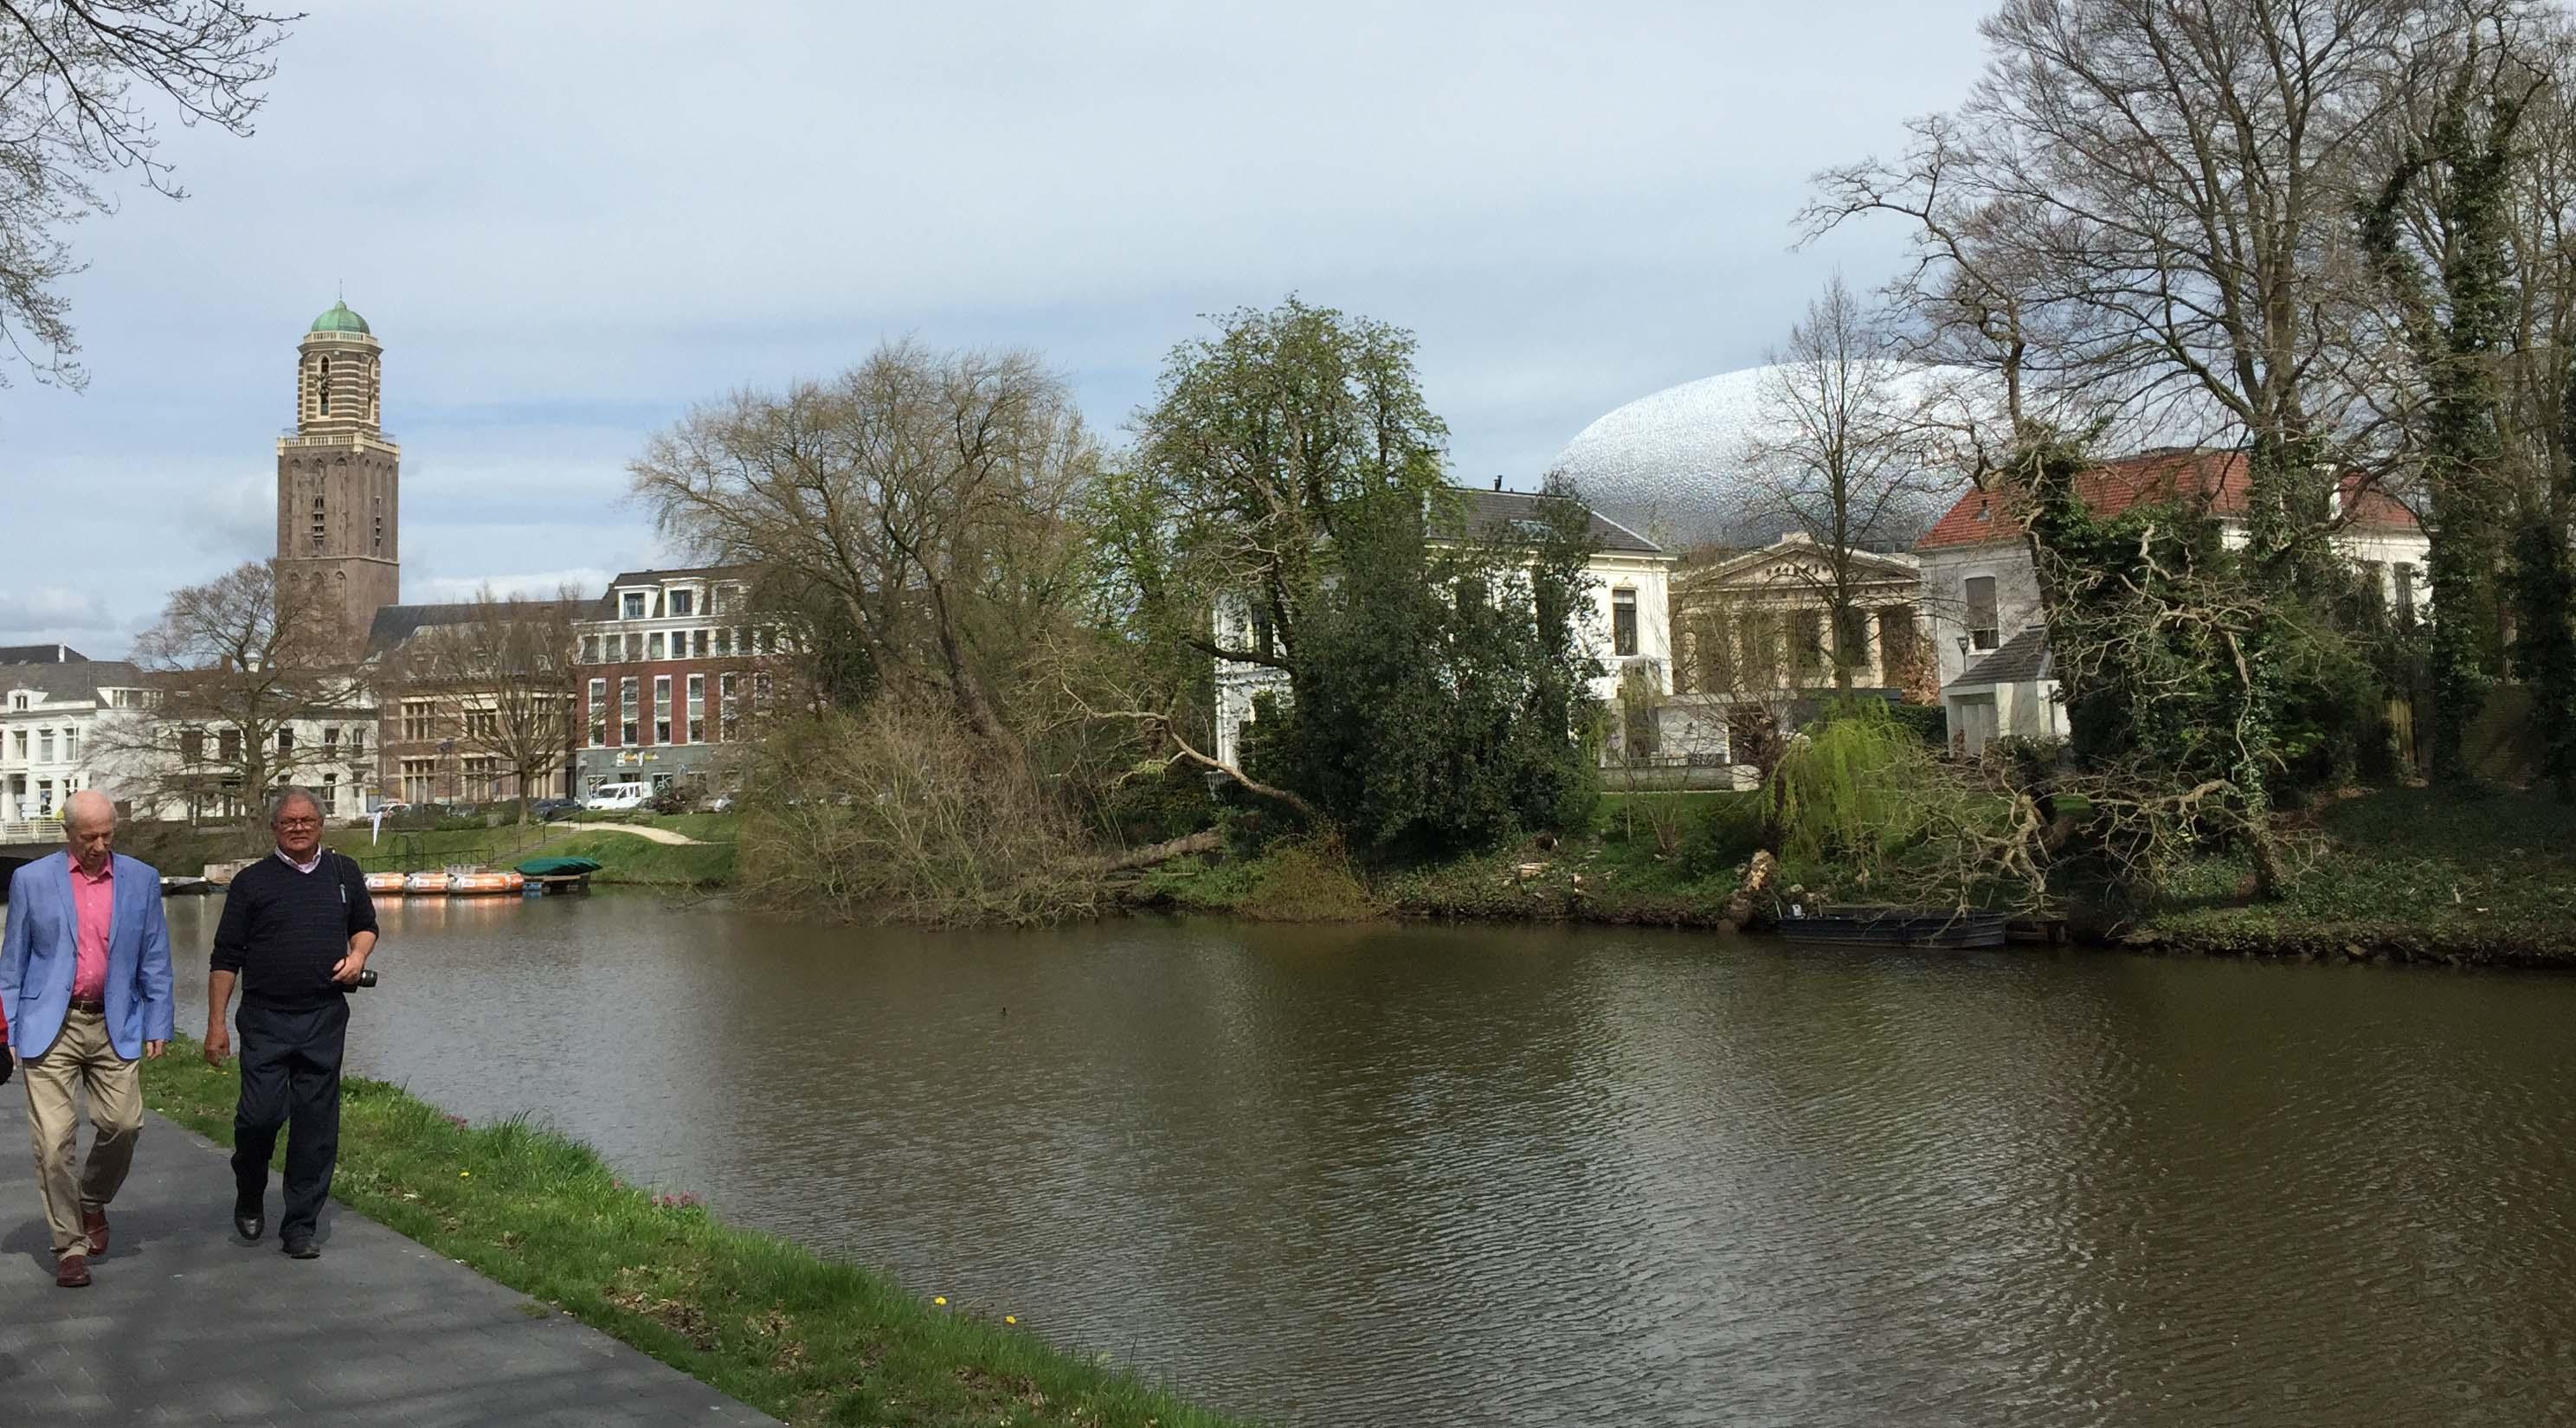 Hanzeastad Zwolle met Museum de Fundatie en de Peperbus